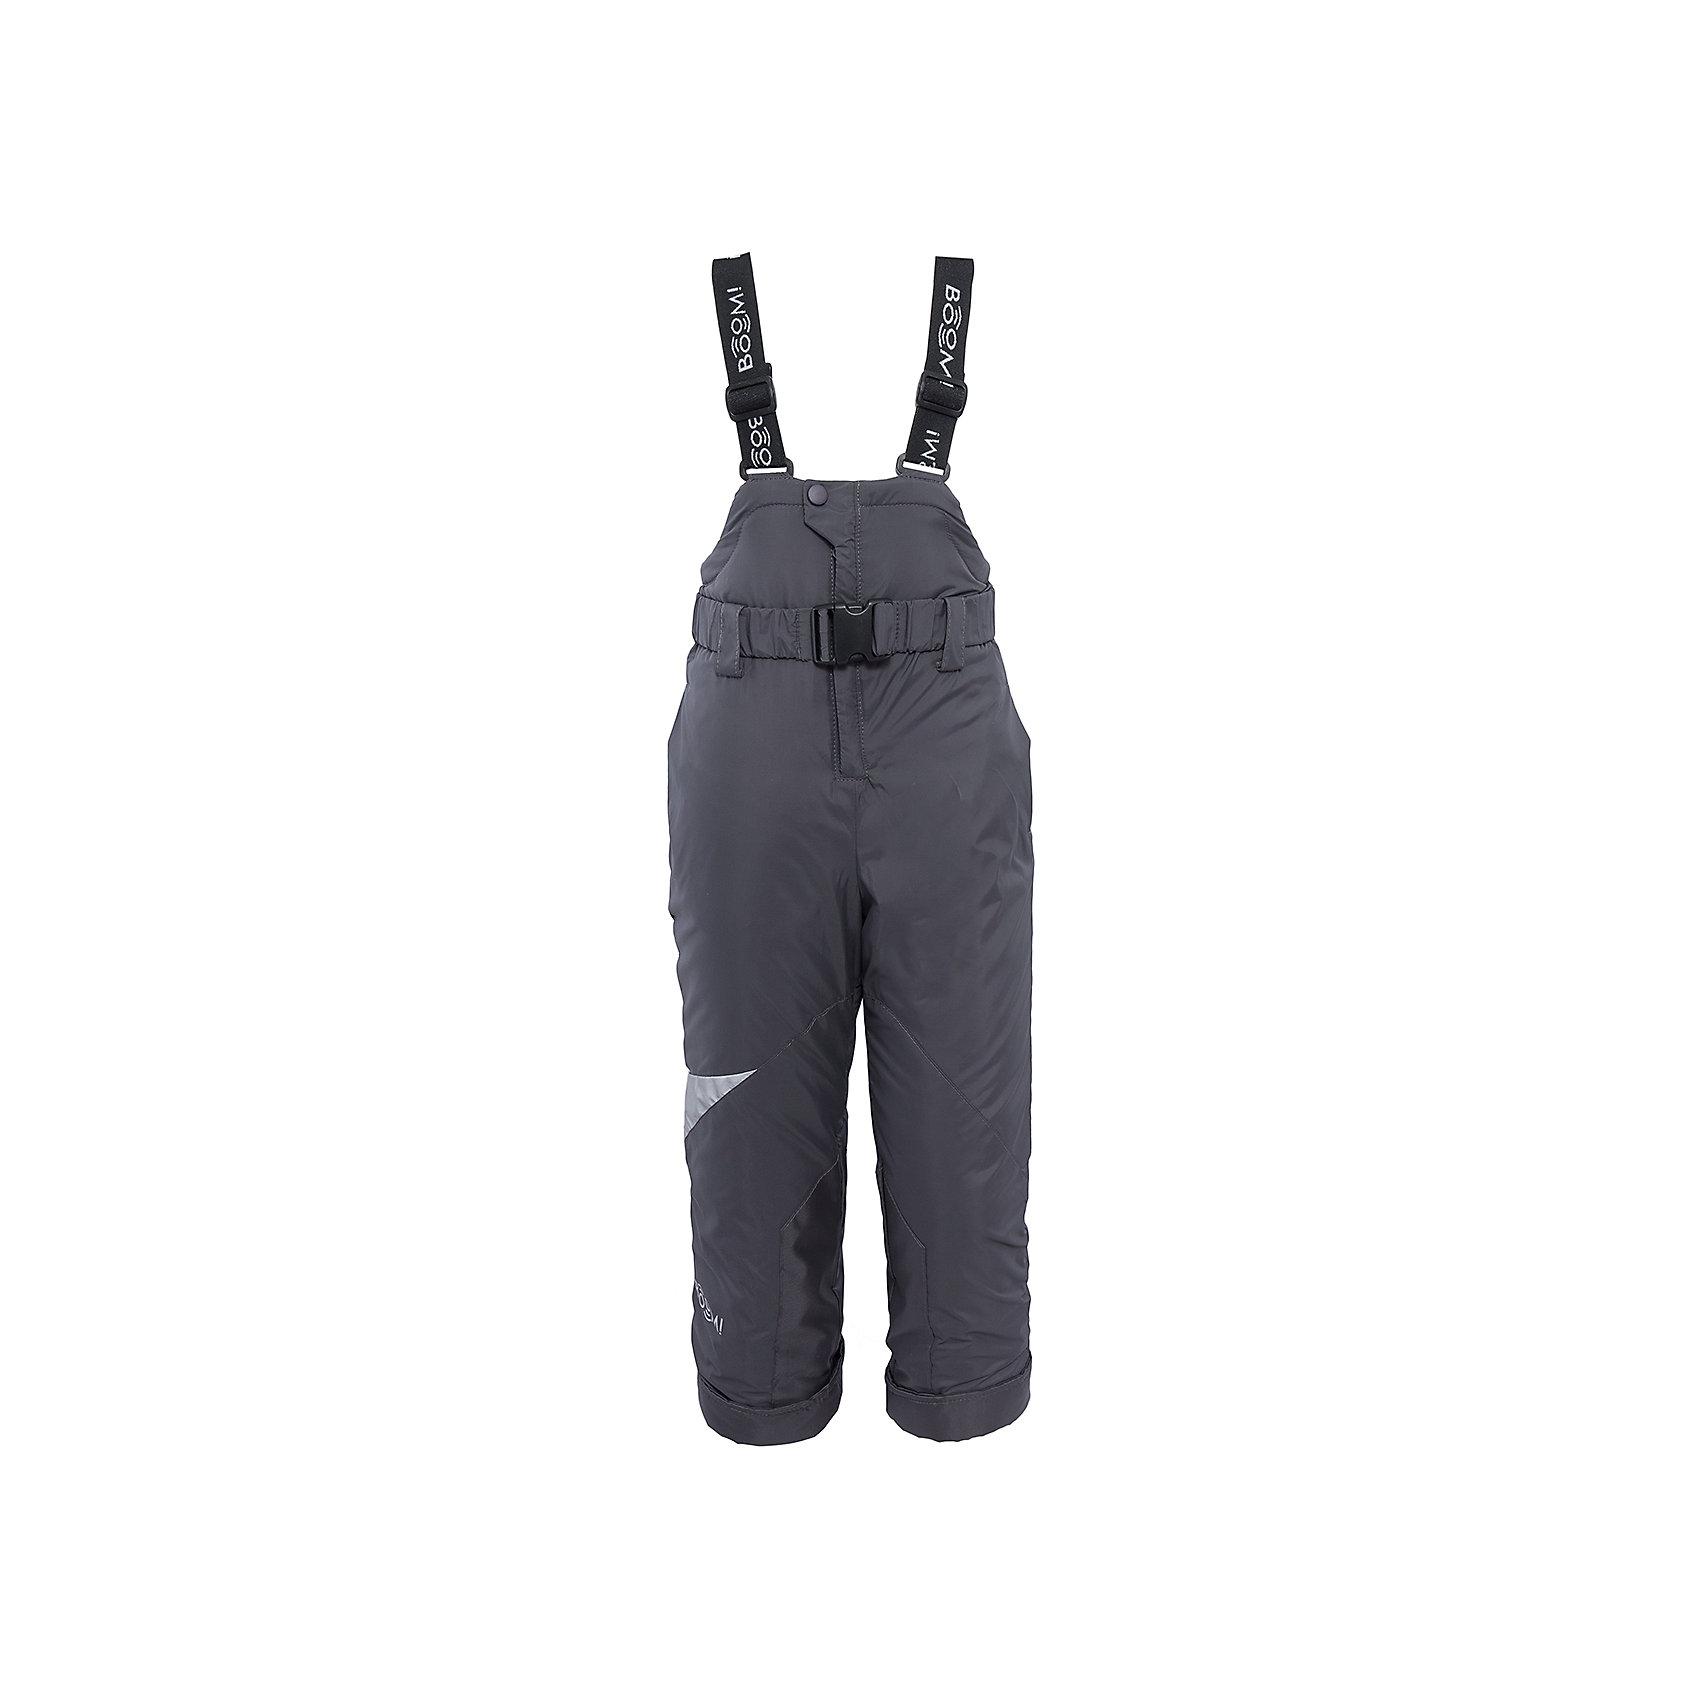 Полукомбинезон для мальчика BOOM by OrbyВерхняя одежда<br>Характеристики изделия:<br><br>- материа л верха: 100% полиэстер;;<br>- подкладка: ПЭ, флис;<br>- утеплитель: эко-синтепон 200 г/м2; <br>- фурнитура: металл, пластик;<br>- застежка: молния;<br>- регулируемые лямки;<br>- эластичный пояс;<br>- светоотражающие детали;<br>- температурный режим до -30°С<br><br>В холодный сезон важно одеть ребенка комфортно и тепло. Этот стильный и теплый полукомбинезон позволит мальчику наслаждаться зимним отдыхом, не боясь замерзнуть, и выглядеть при этом очень стильно.<br>Изделие плотно сидит благодаря продуманному крою и надежным застежкам. Оно смотрится очень эффектно благодаря стильному дизайну. Полукомбинезон дополнен карманами и эластичным поясом.<br><br>Полукомбинезон для мальчика от бренда BOOM by Orby можно купить в нашем магазине.<br><br>Ширина мм: 215<br>Глубина мм: 88<br>Высота мм: 191<br>Вес г: 336<br>Цвет: серый<br>Возраст от месяцев: 12<br>Возраст до месяцев: 18<br>Пол: Мужской<br>Возраст: Детский<br>Размер: 86,122,158,80,116,110,128,152,140,146,98,104,92,134<br>SKU: 4982809